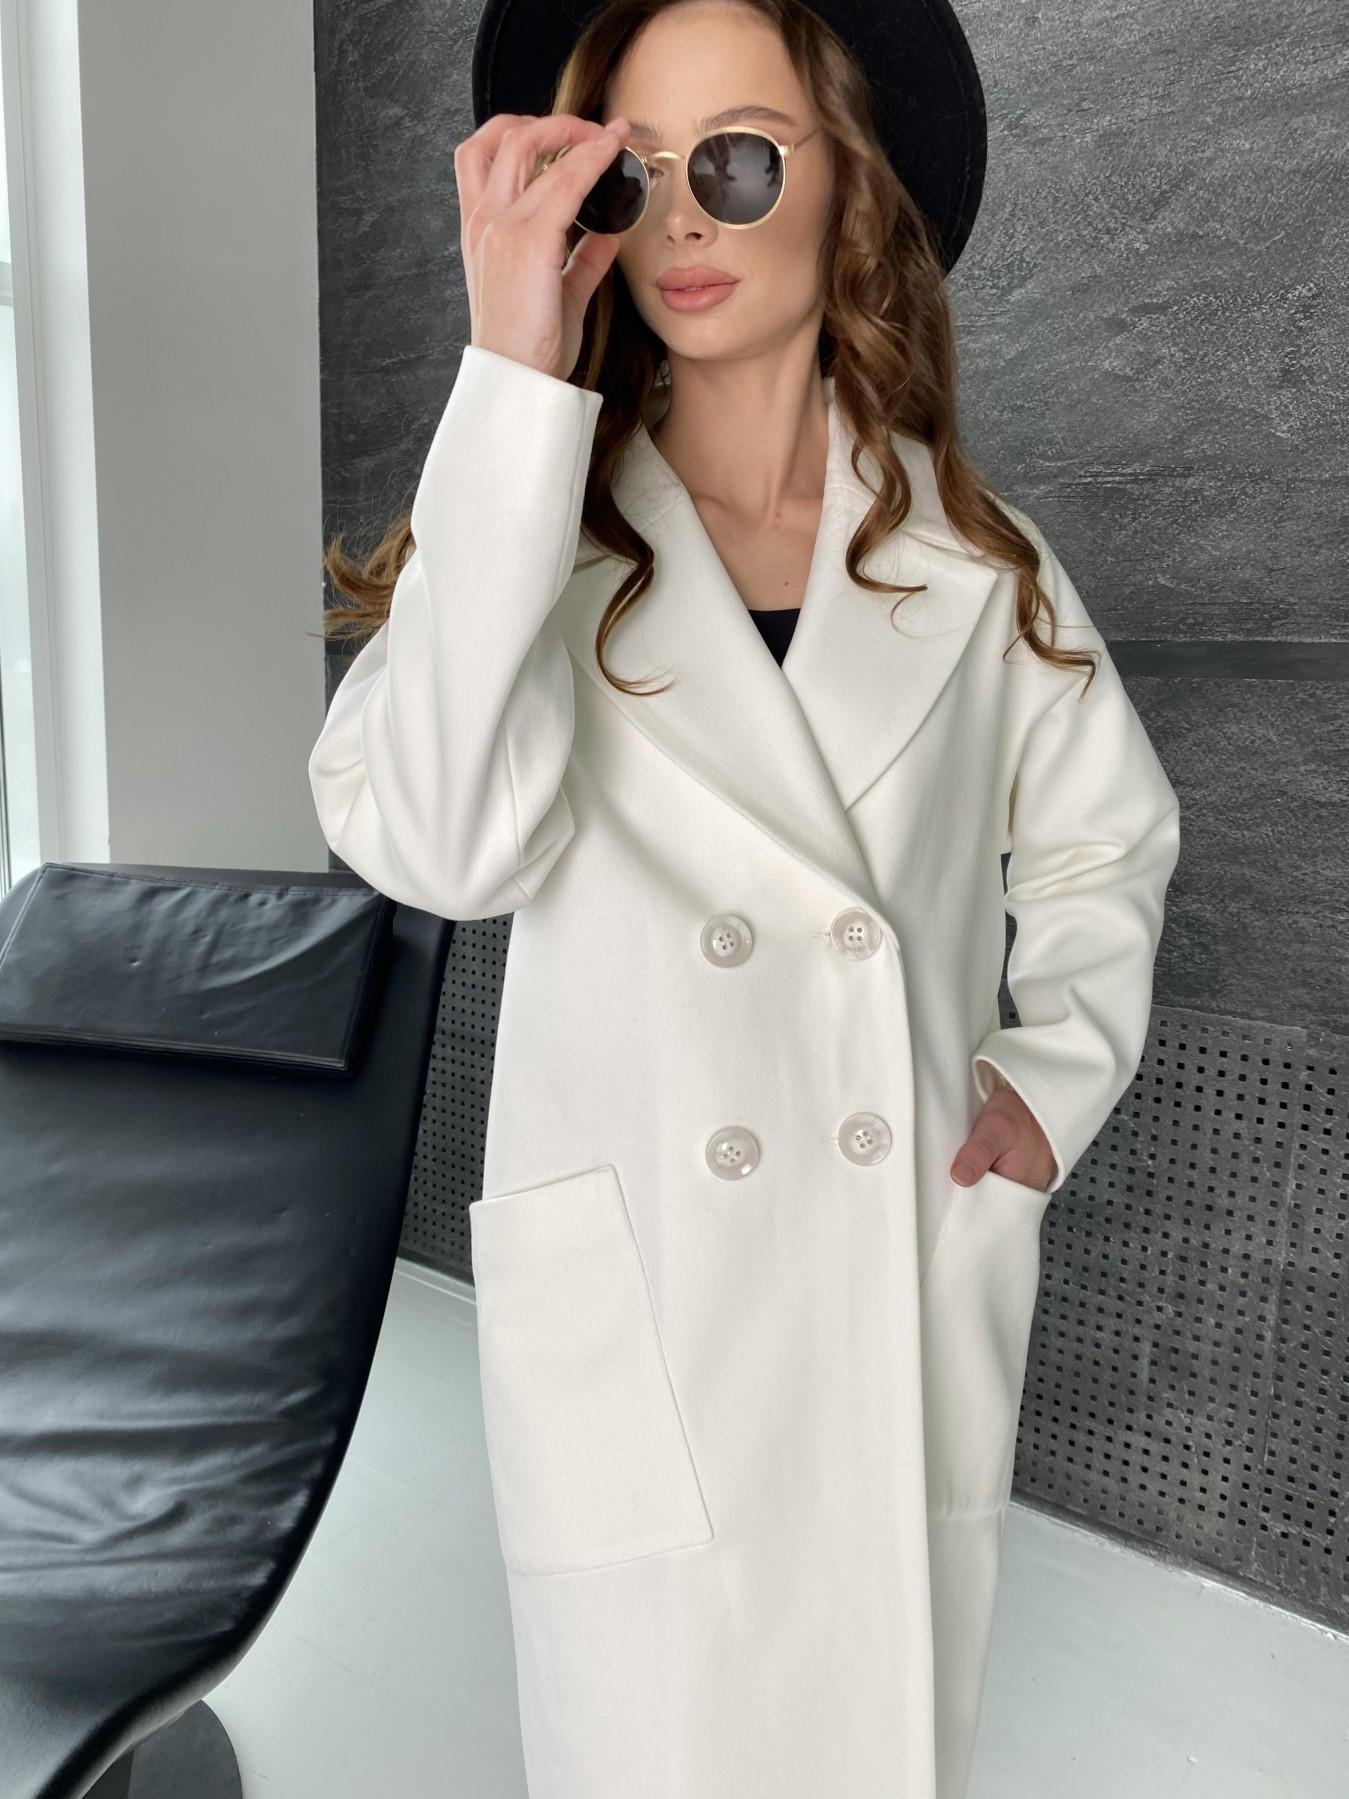 Свайп макси пальто из кашемира 10617 АРТ. 46996 Цвет: Молоко - фото 4, интернет магазин tm-modus.ru